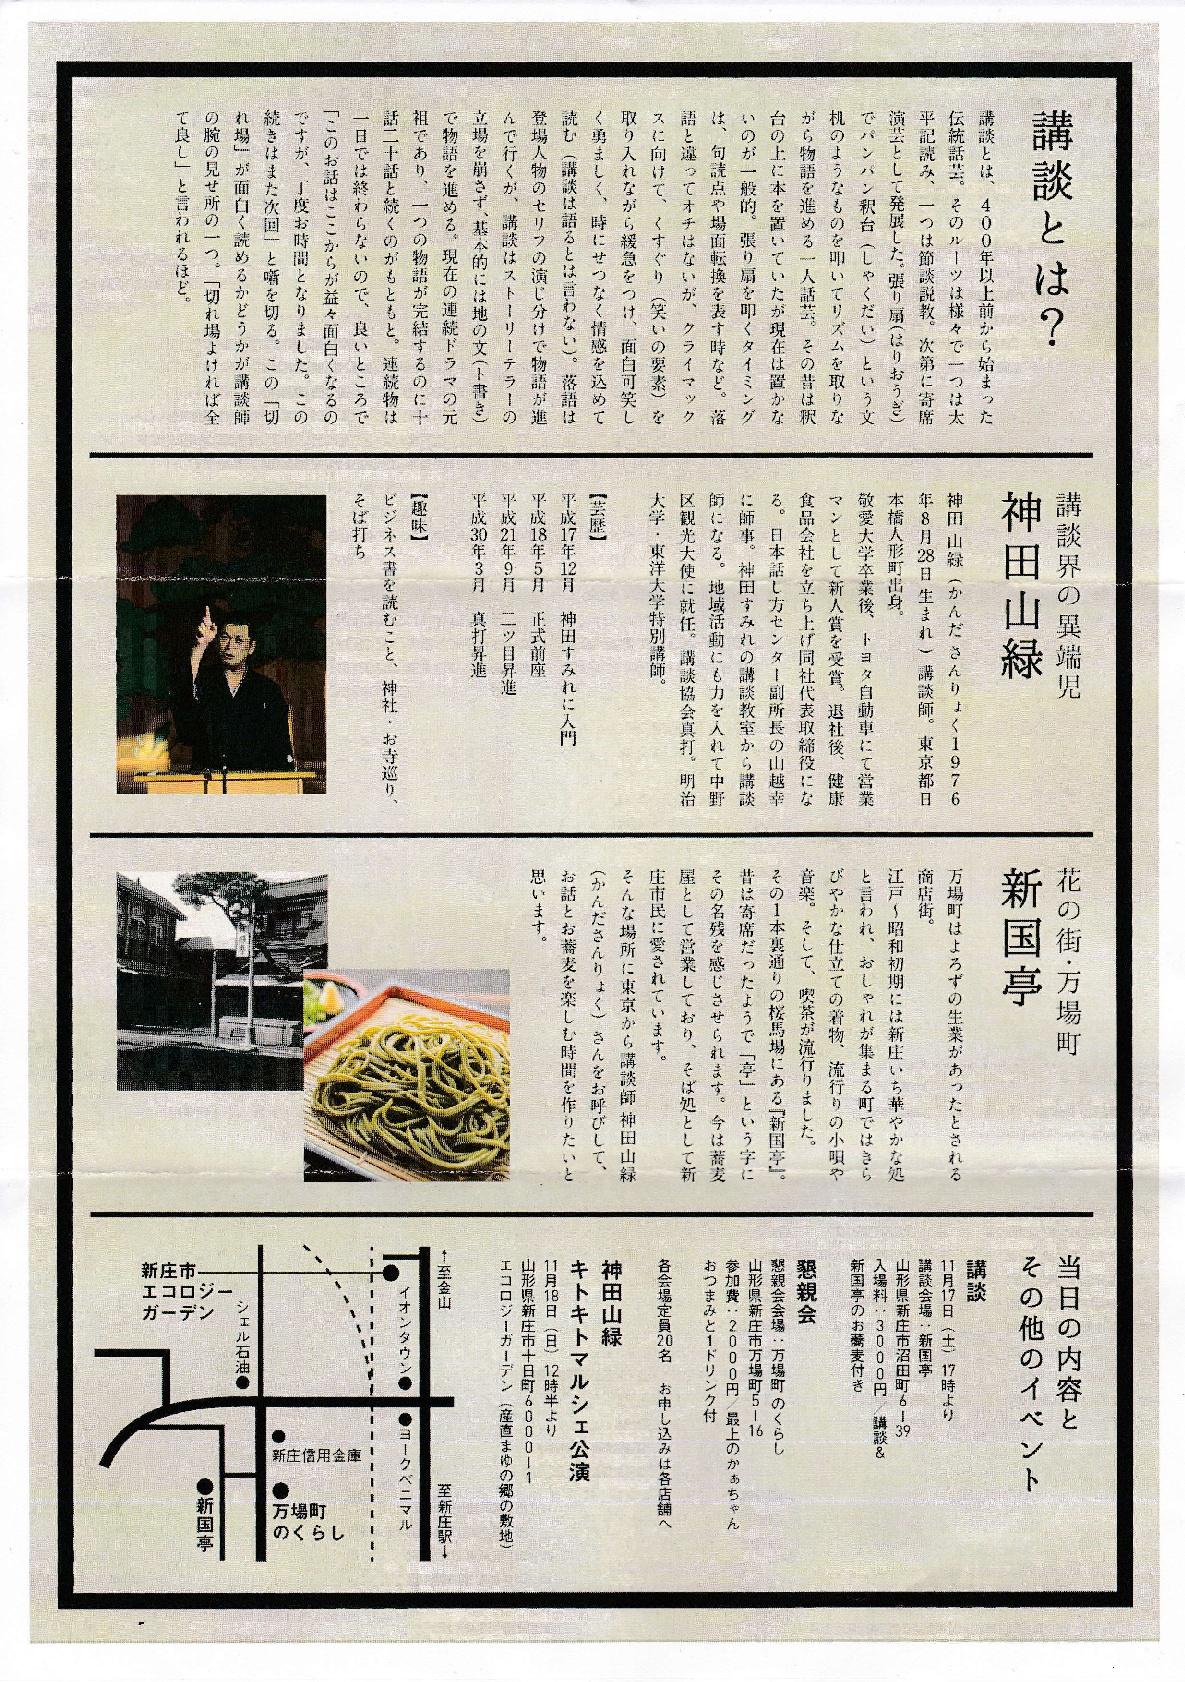 神田山緑独演会(山形1)